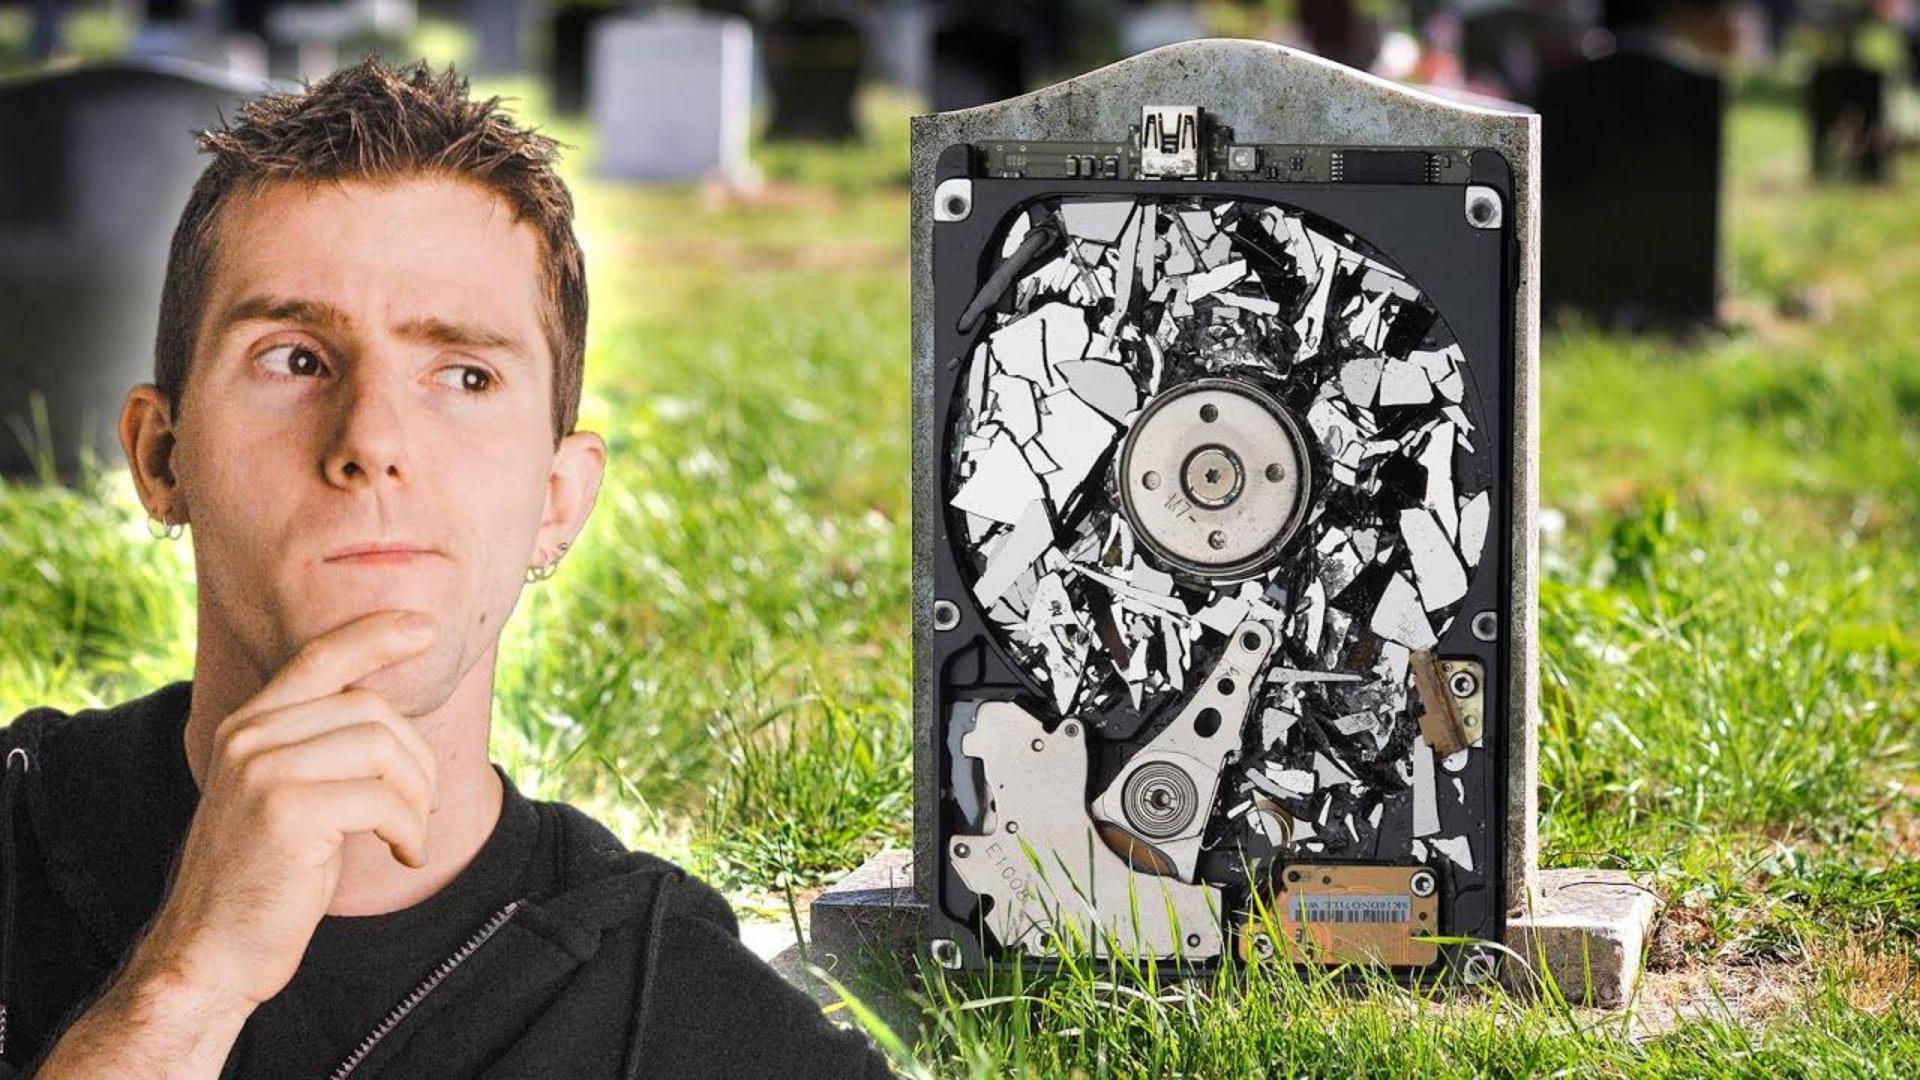 【官方双语】机械硬盘要消失了? #电子速谈